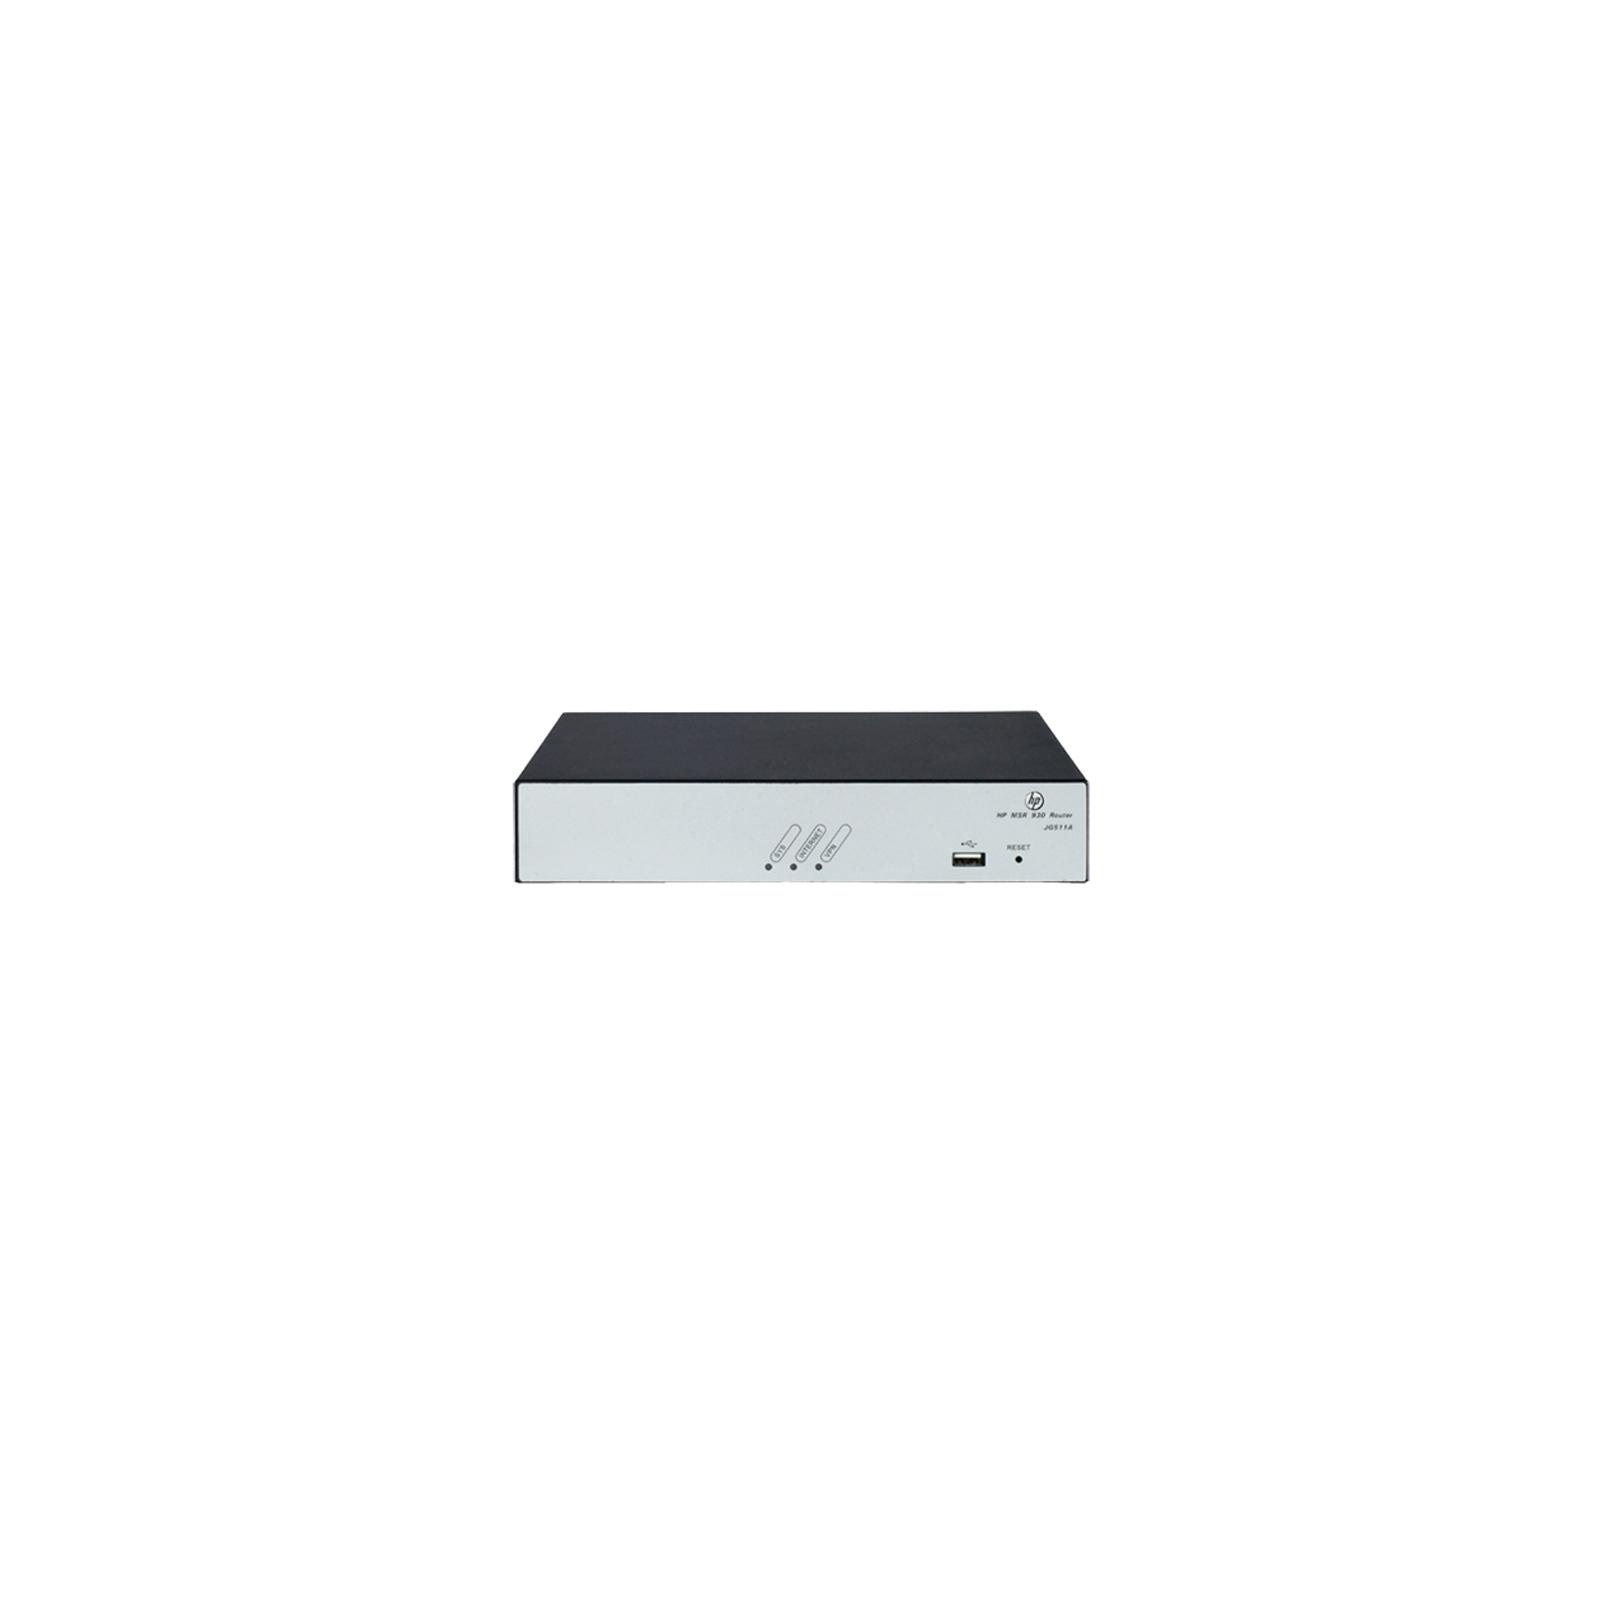 Маршрутизатор HP MSR930 (JG511A) изображение 2